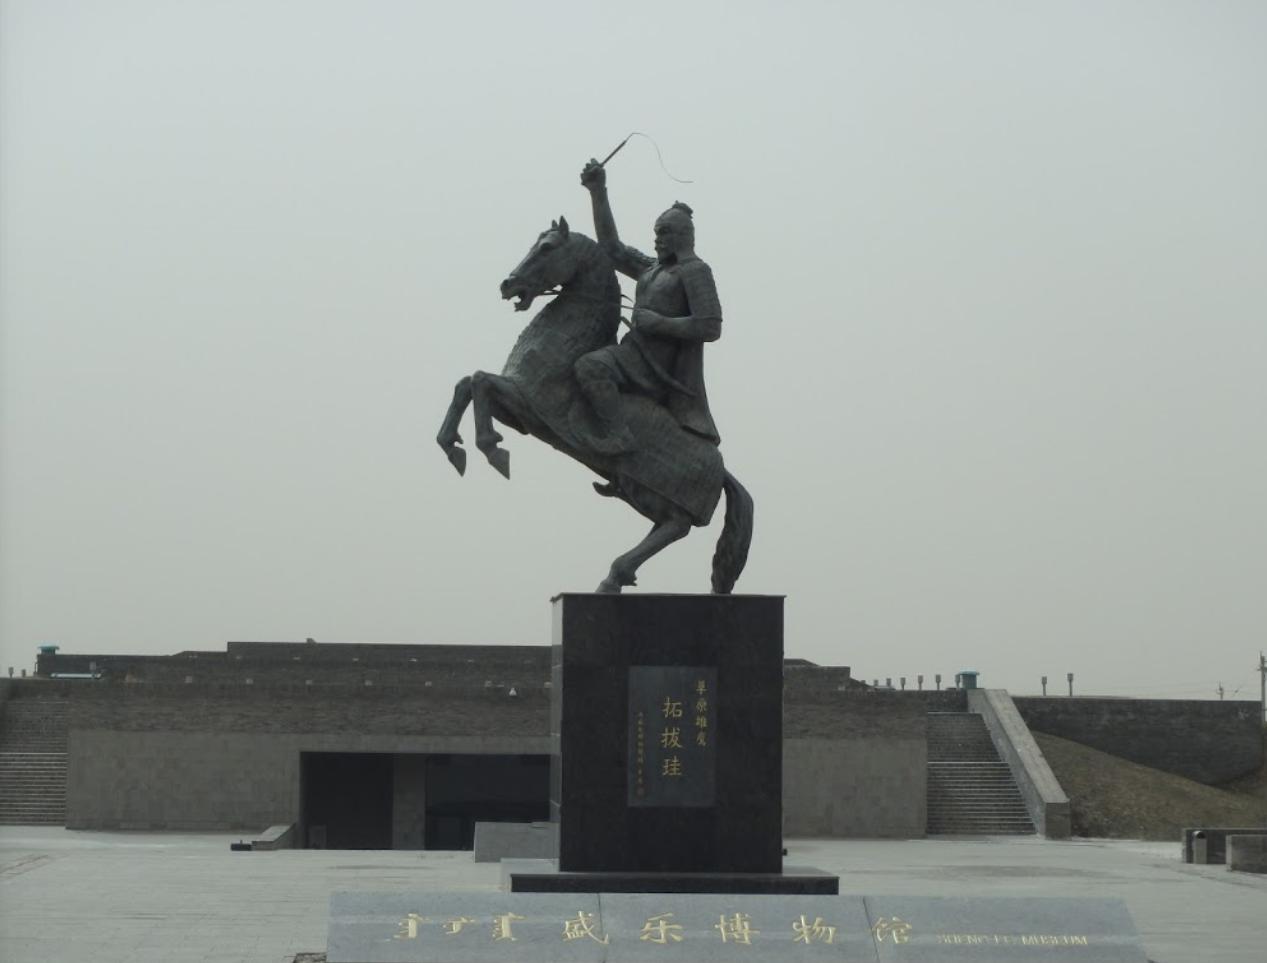 盛乐博物馆外拓跋珪雕像。